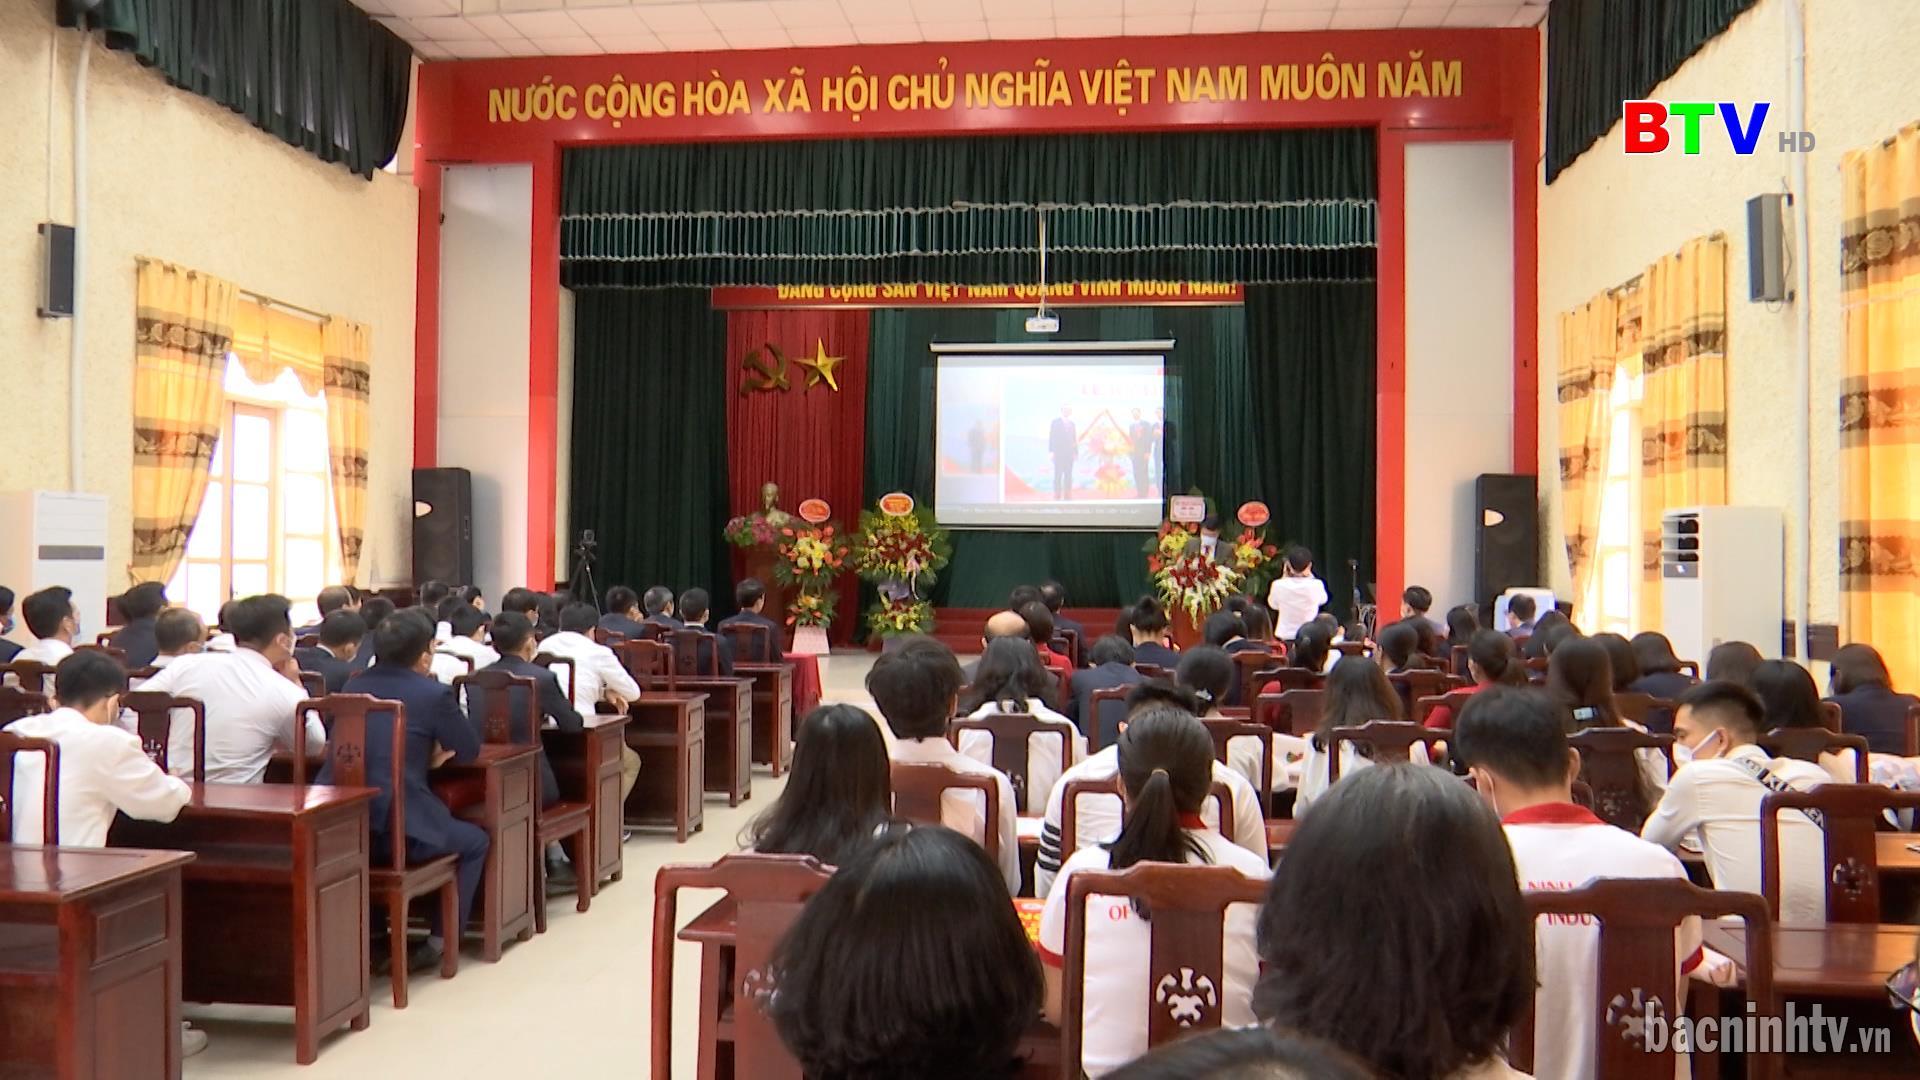 Trường Cao đẳng Công nghiệp Bắc Ninh khai giảng năm học 2021-2022